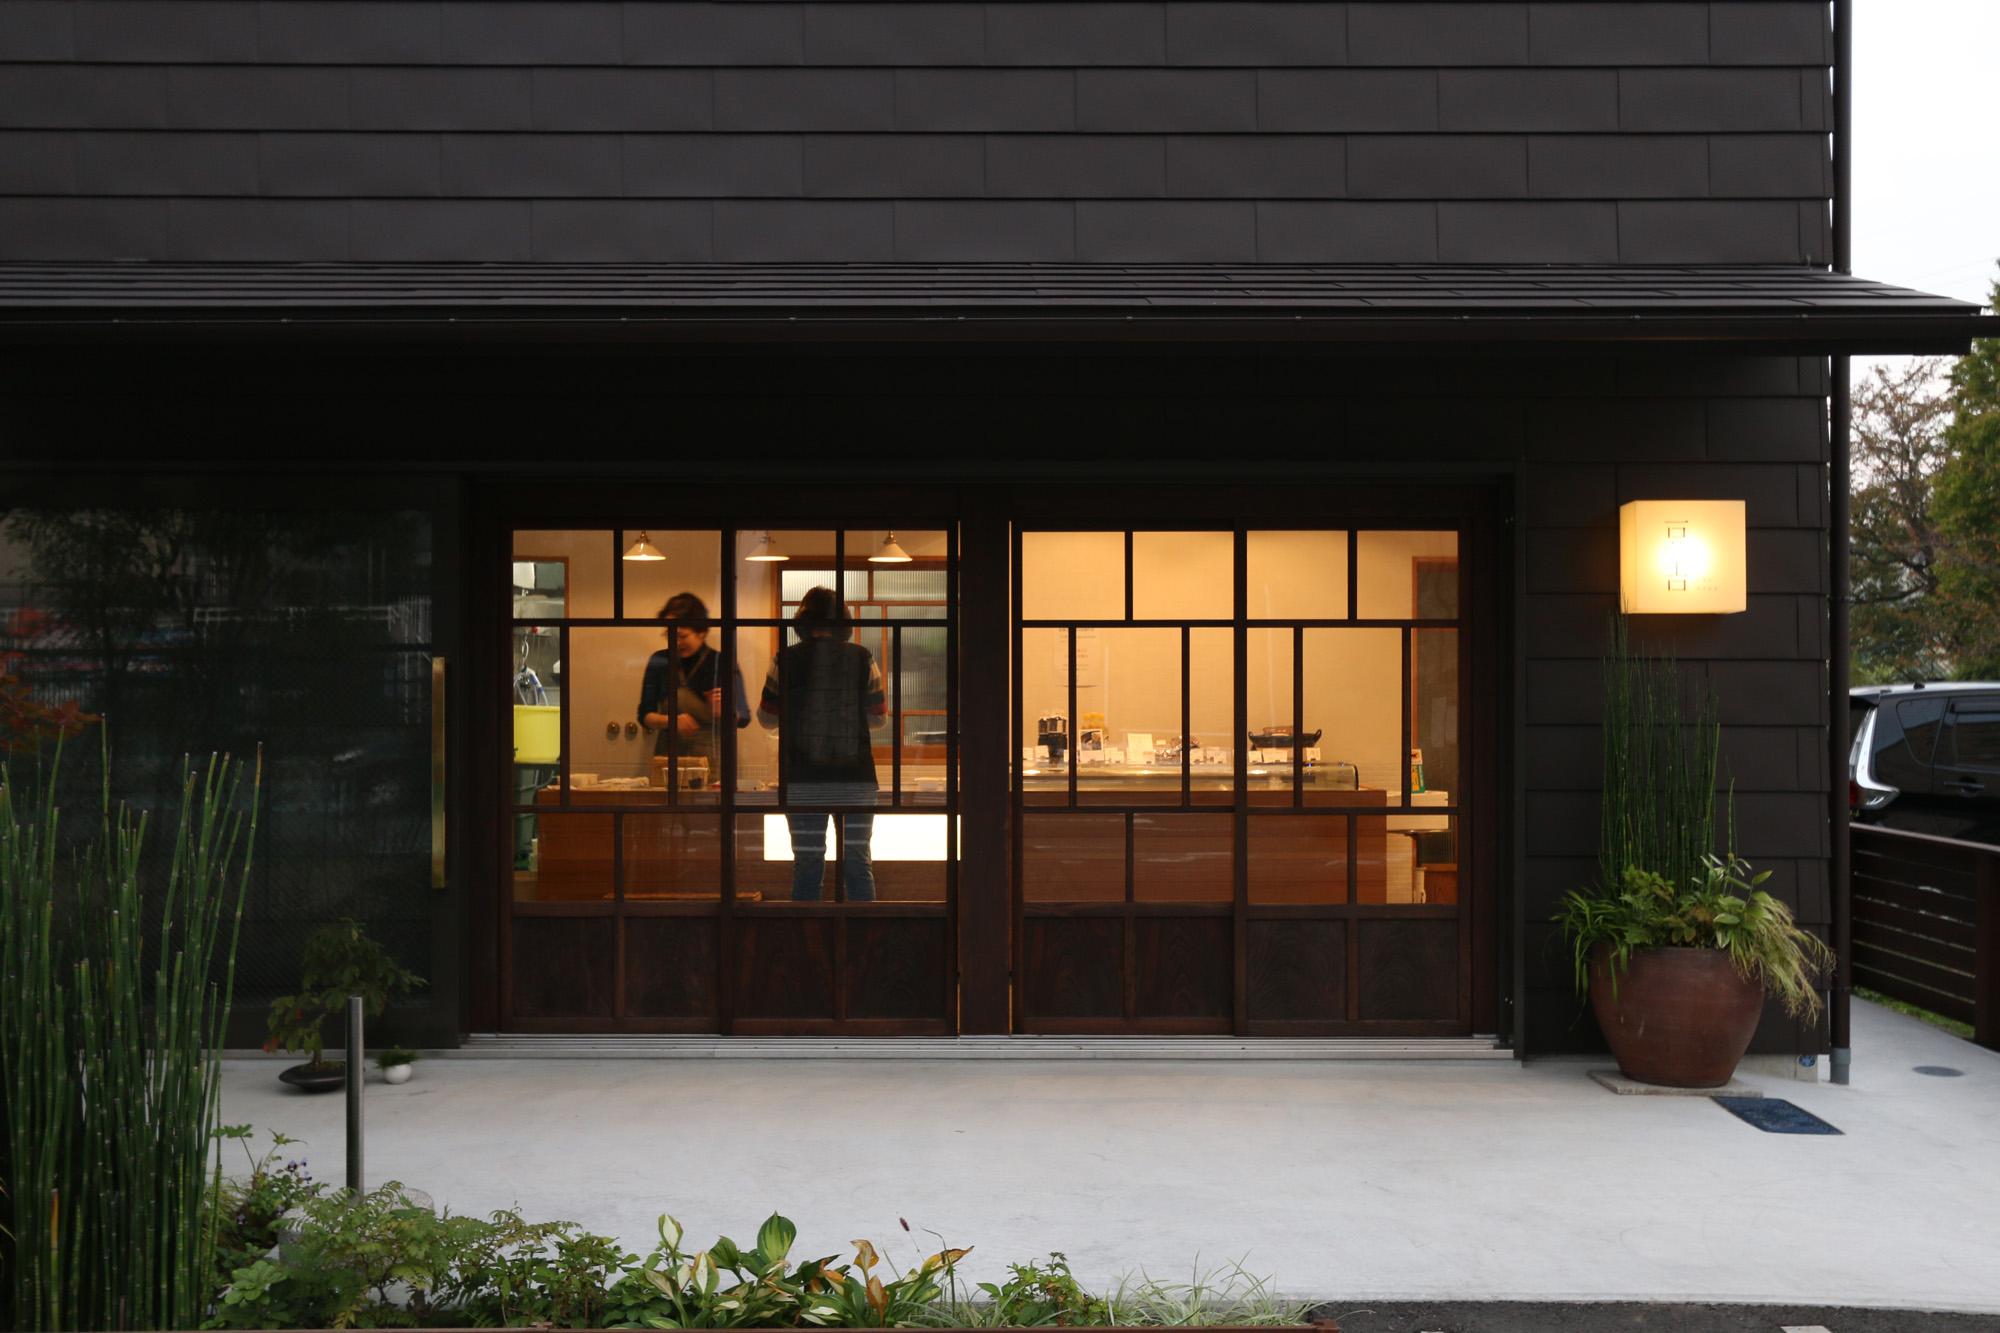 「豆吉」金沢文庫の豆腐屋兼住宅